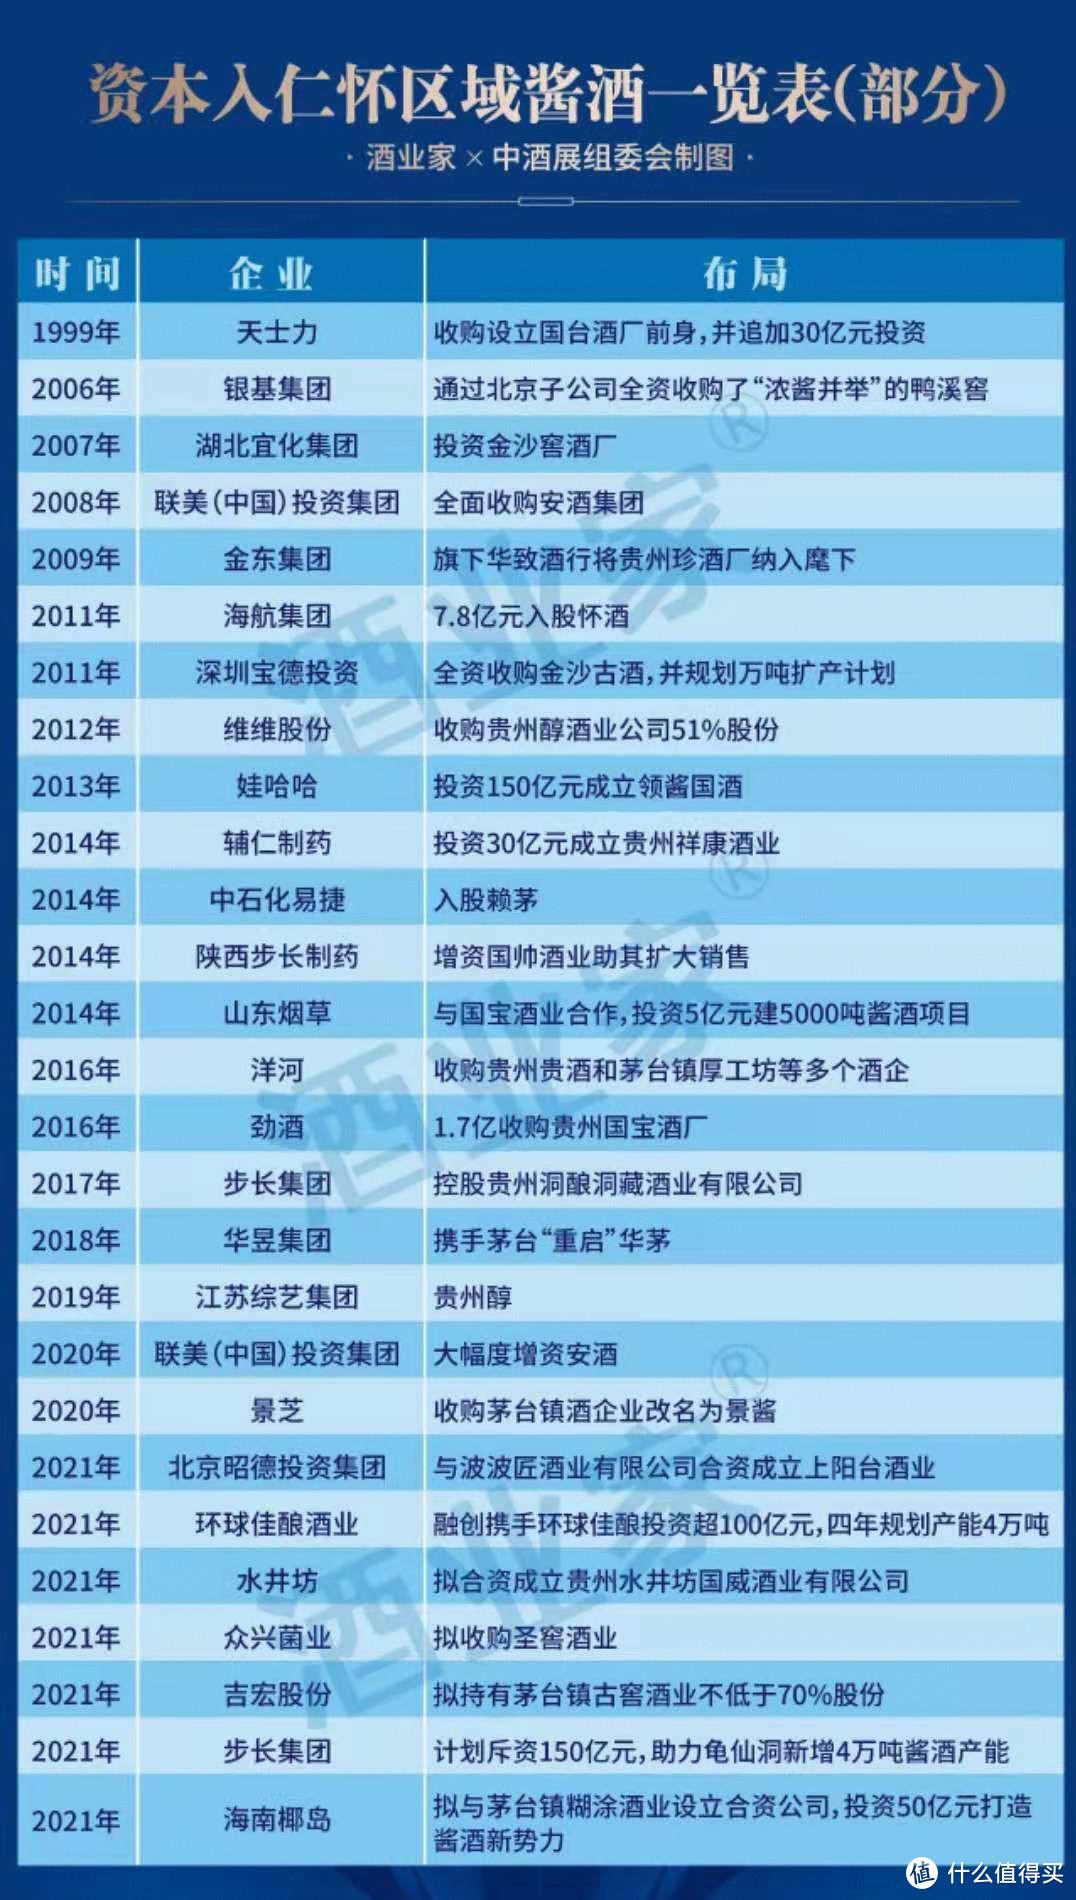 邓鸿、马云砸100亿扩建衡昌烧坊酿酒基地,这酱酒什么来头?